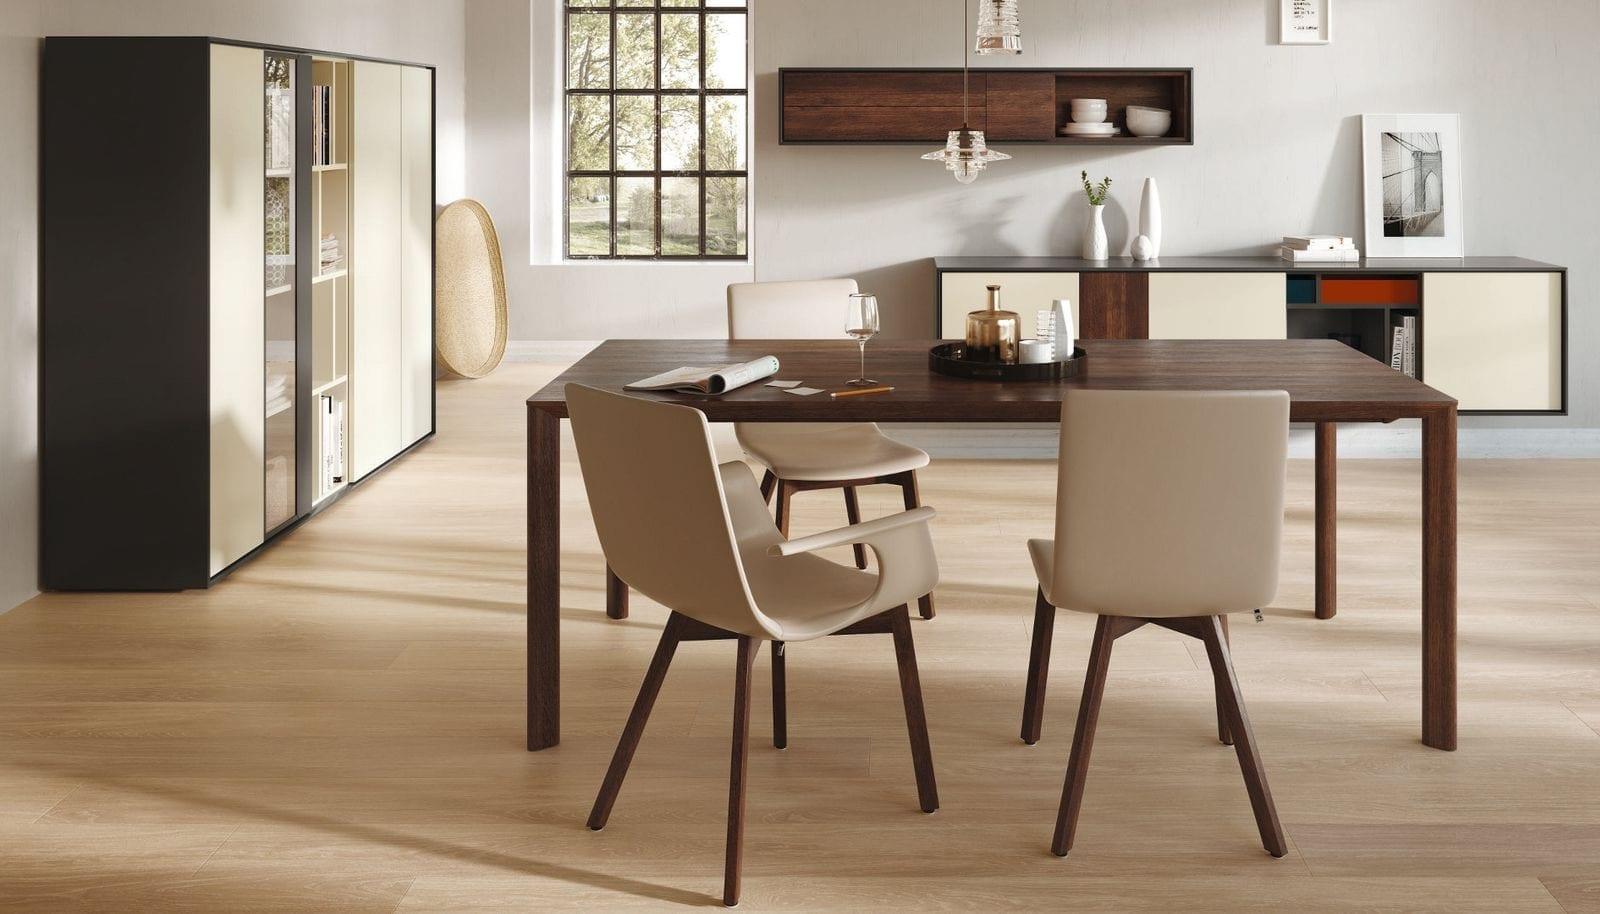 design étkezőasztal